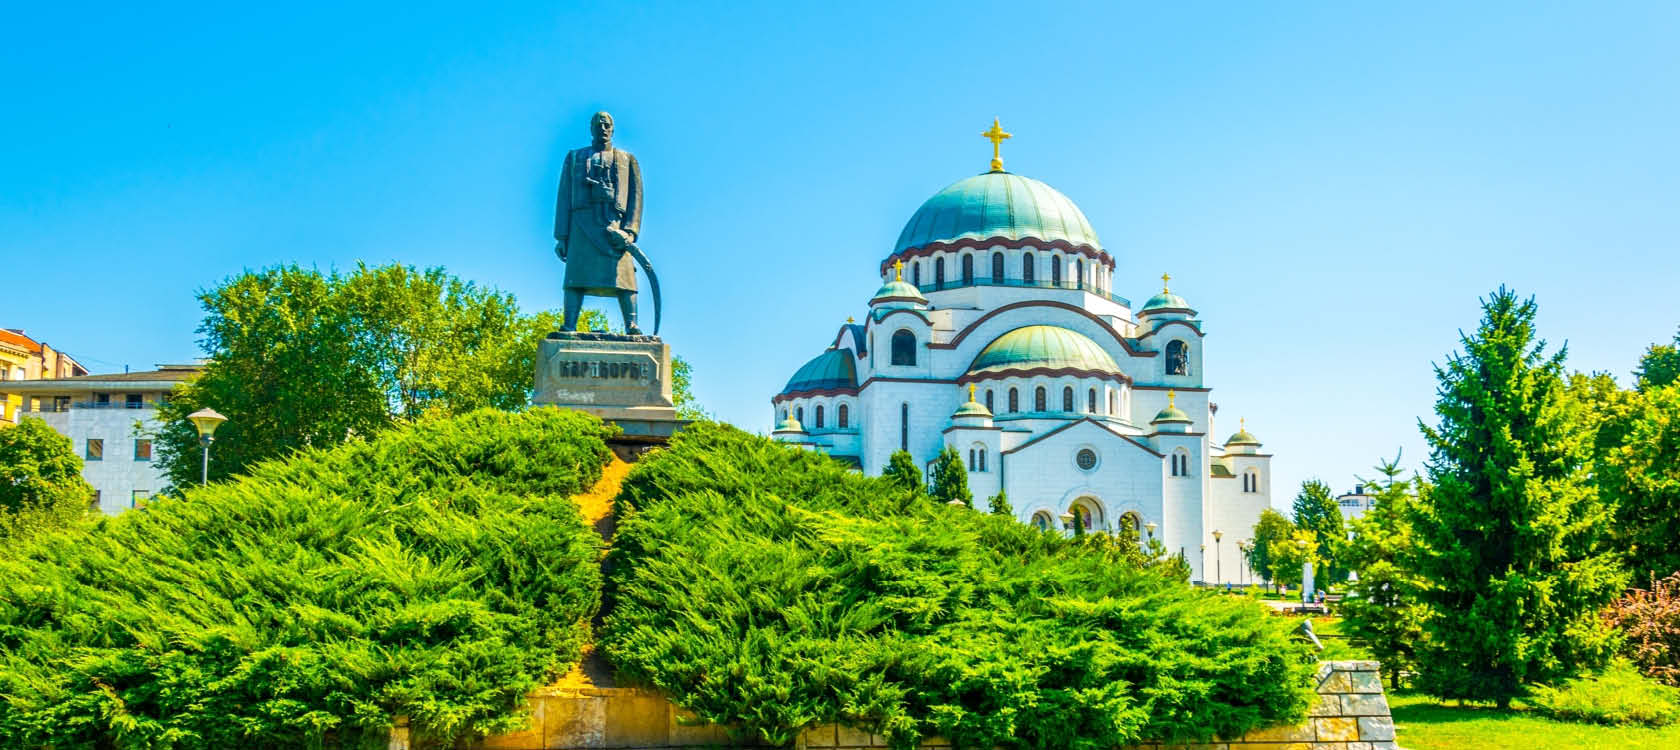 Serbiens hovedstad Beograd